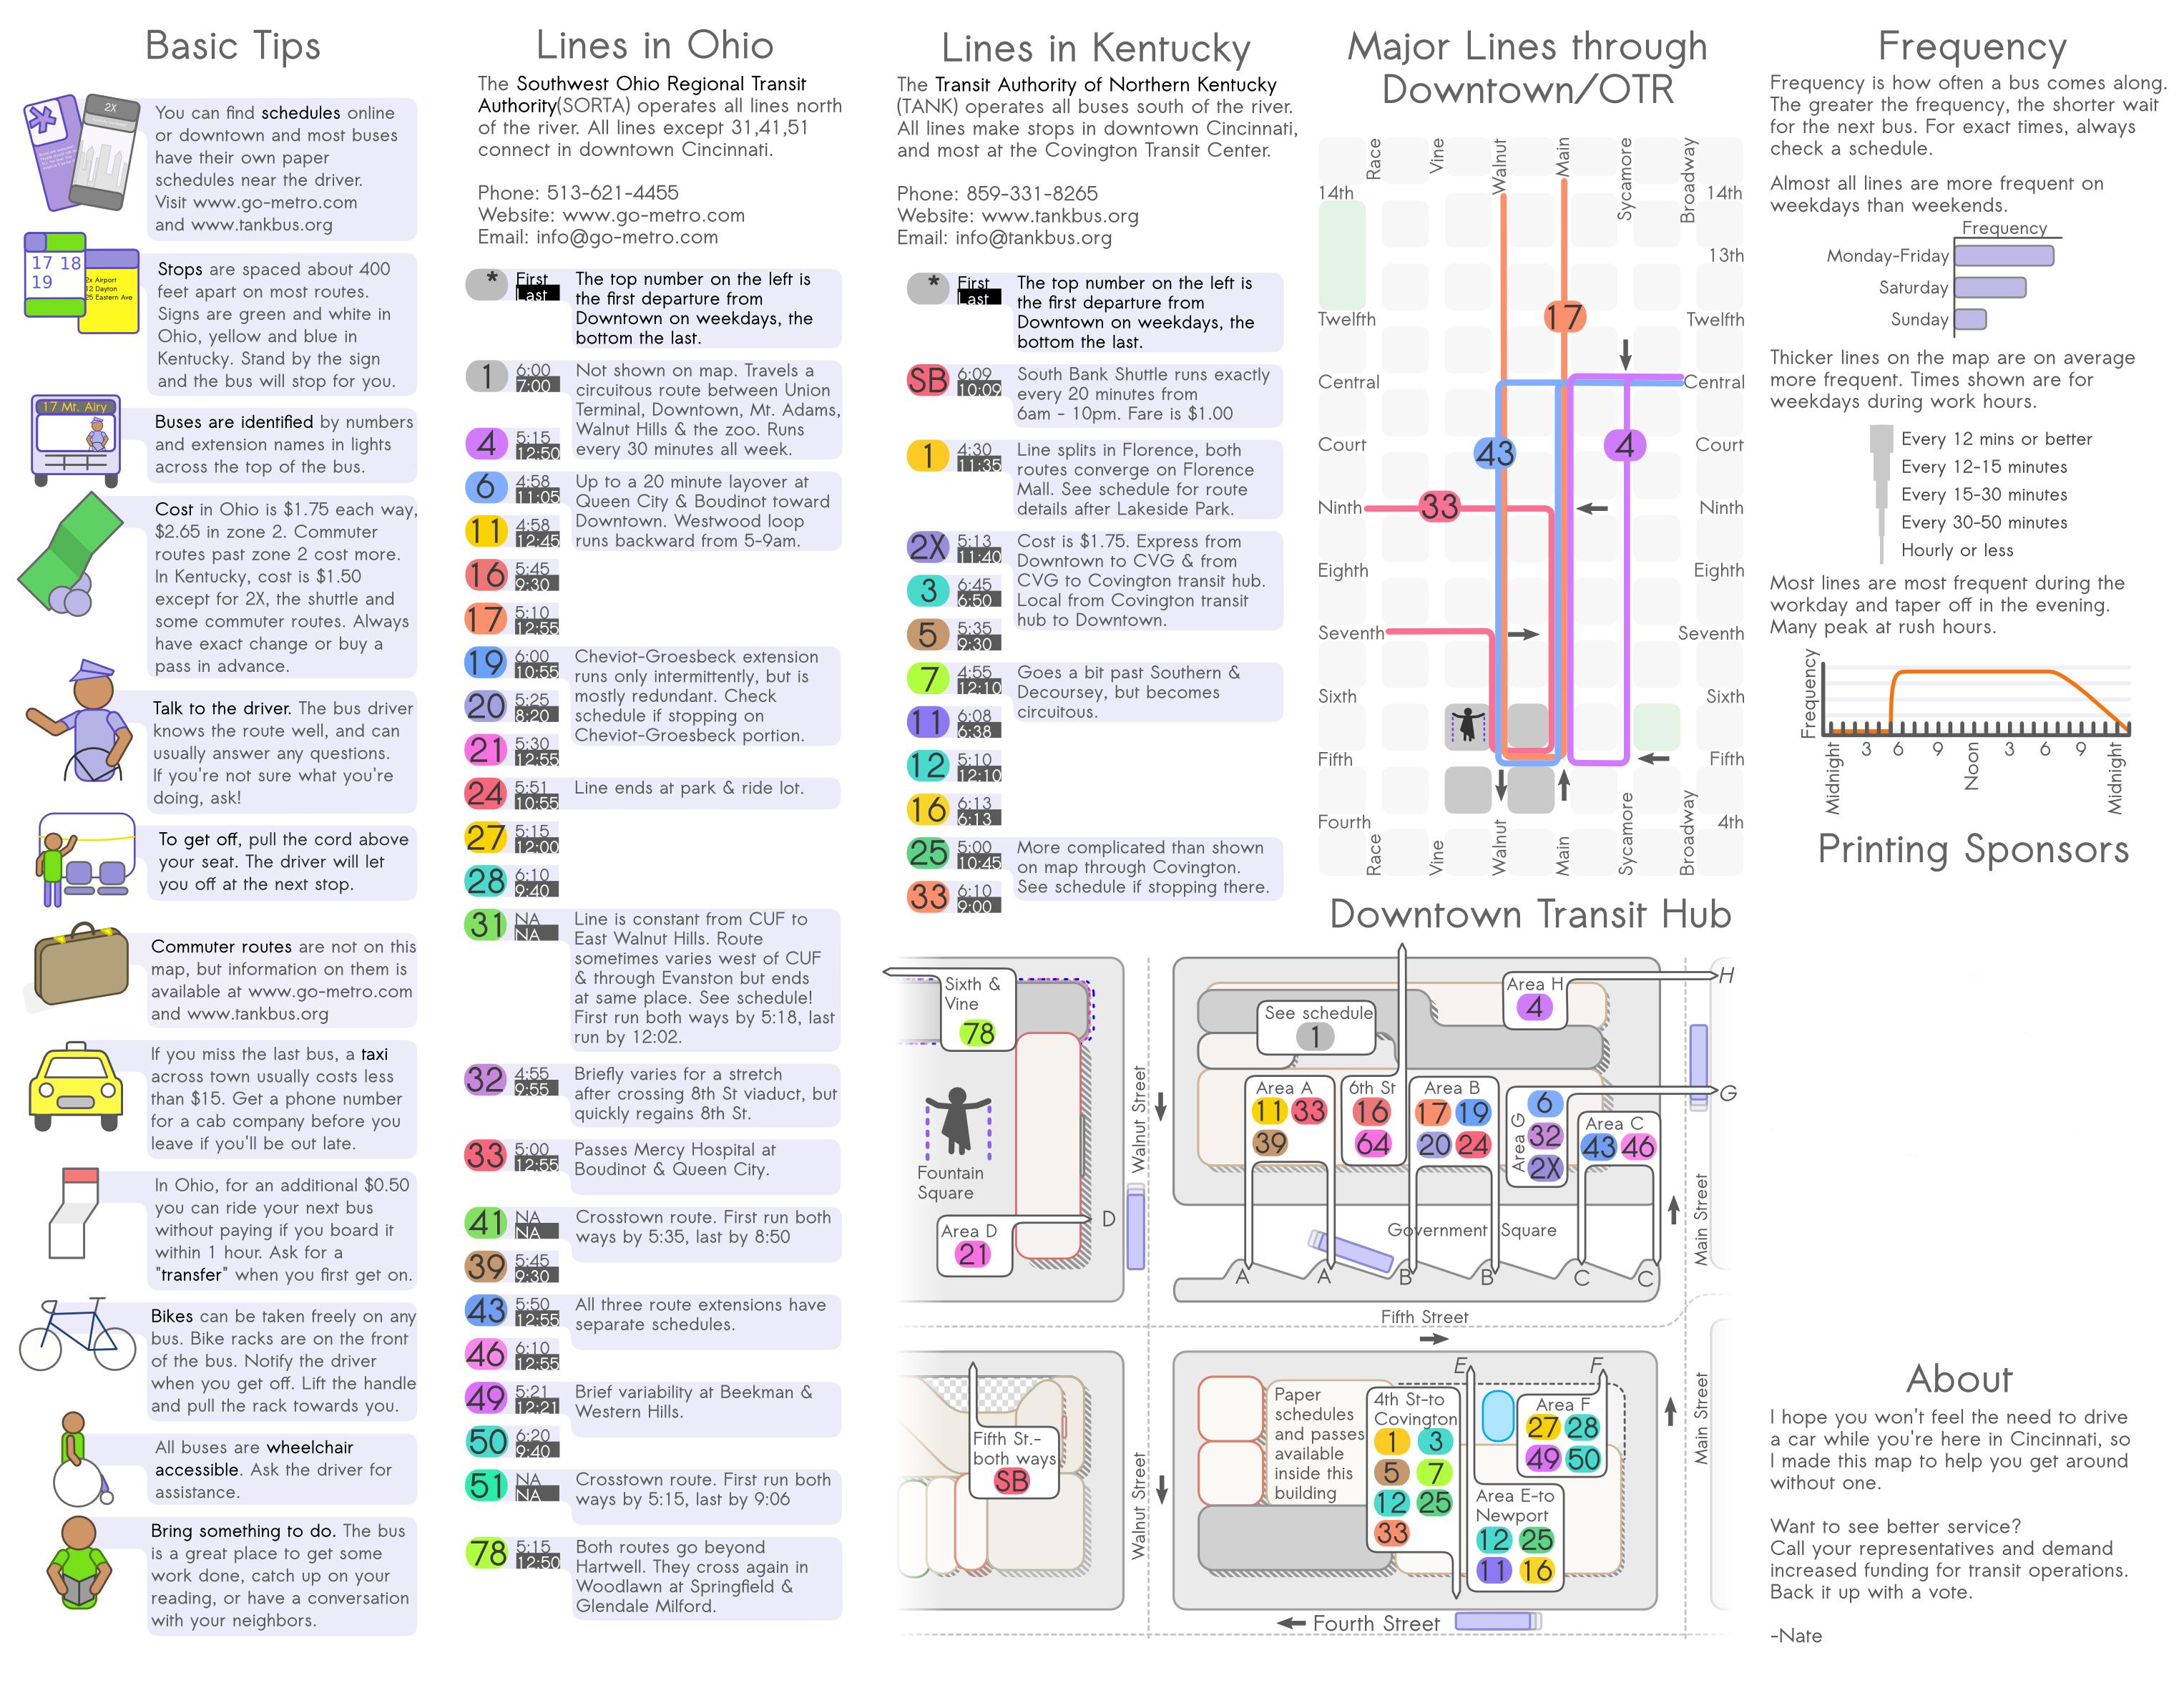 file:cincinnati bus diagram 2011 back - wikimedia commons